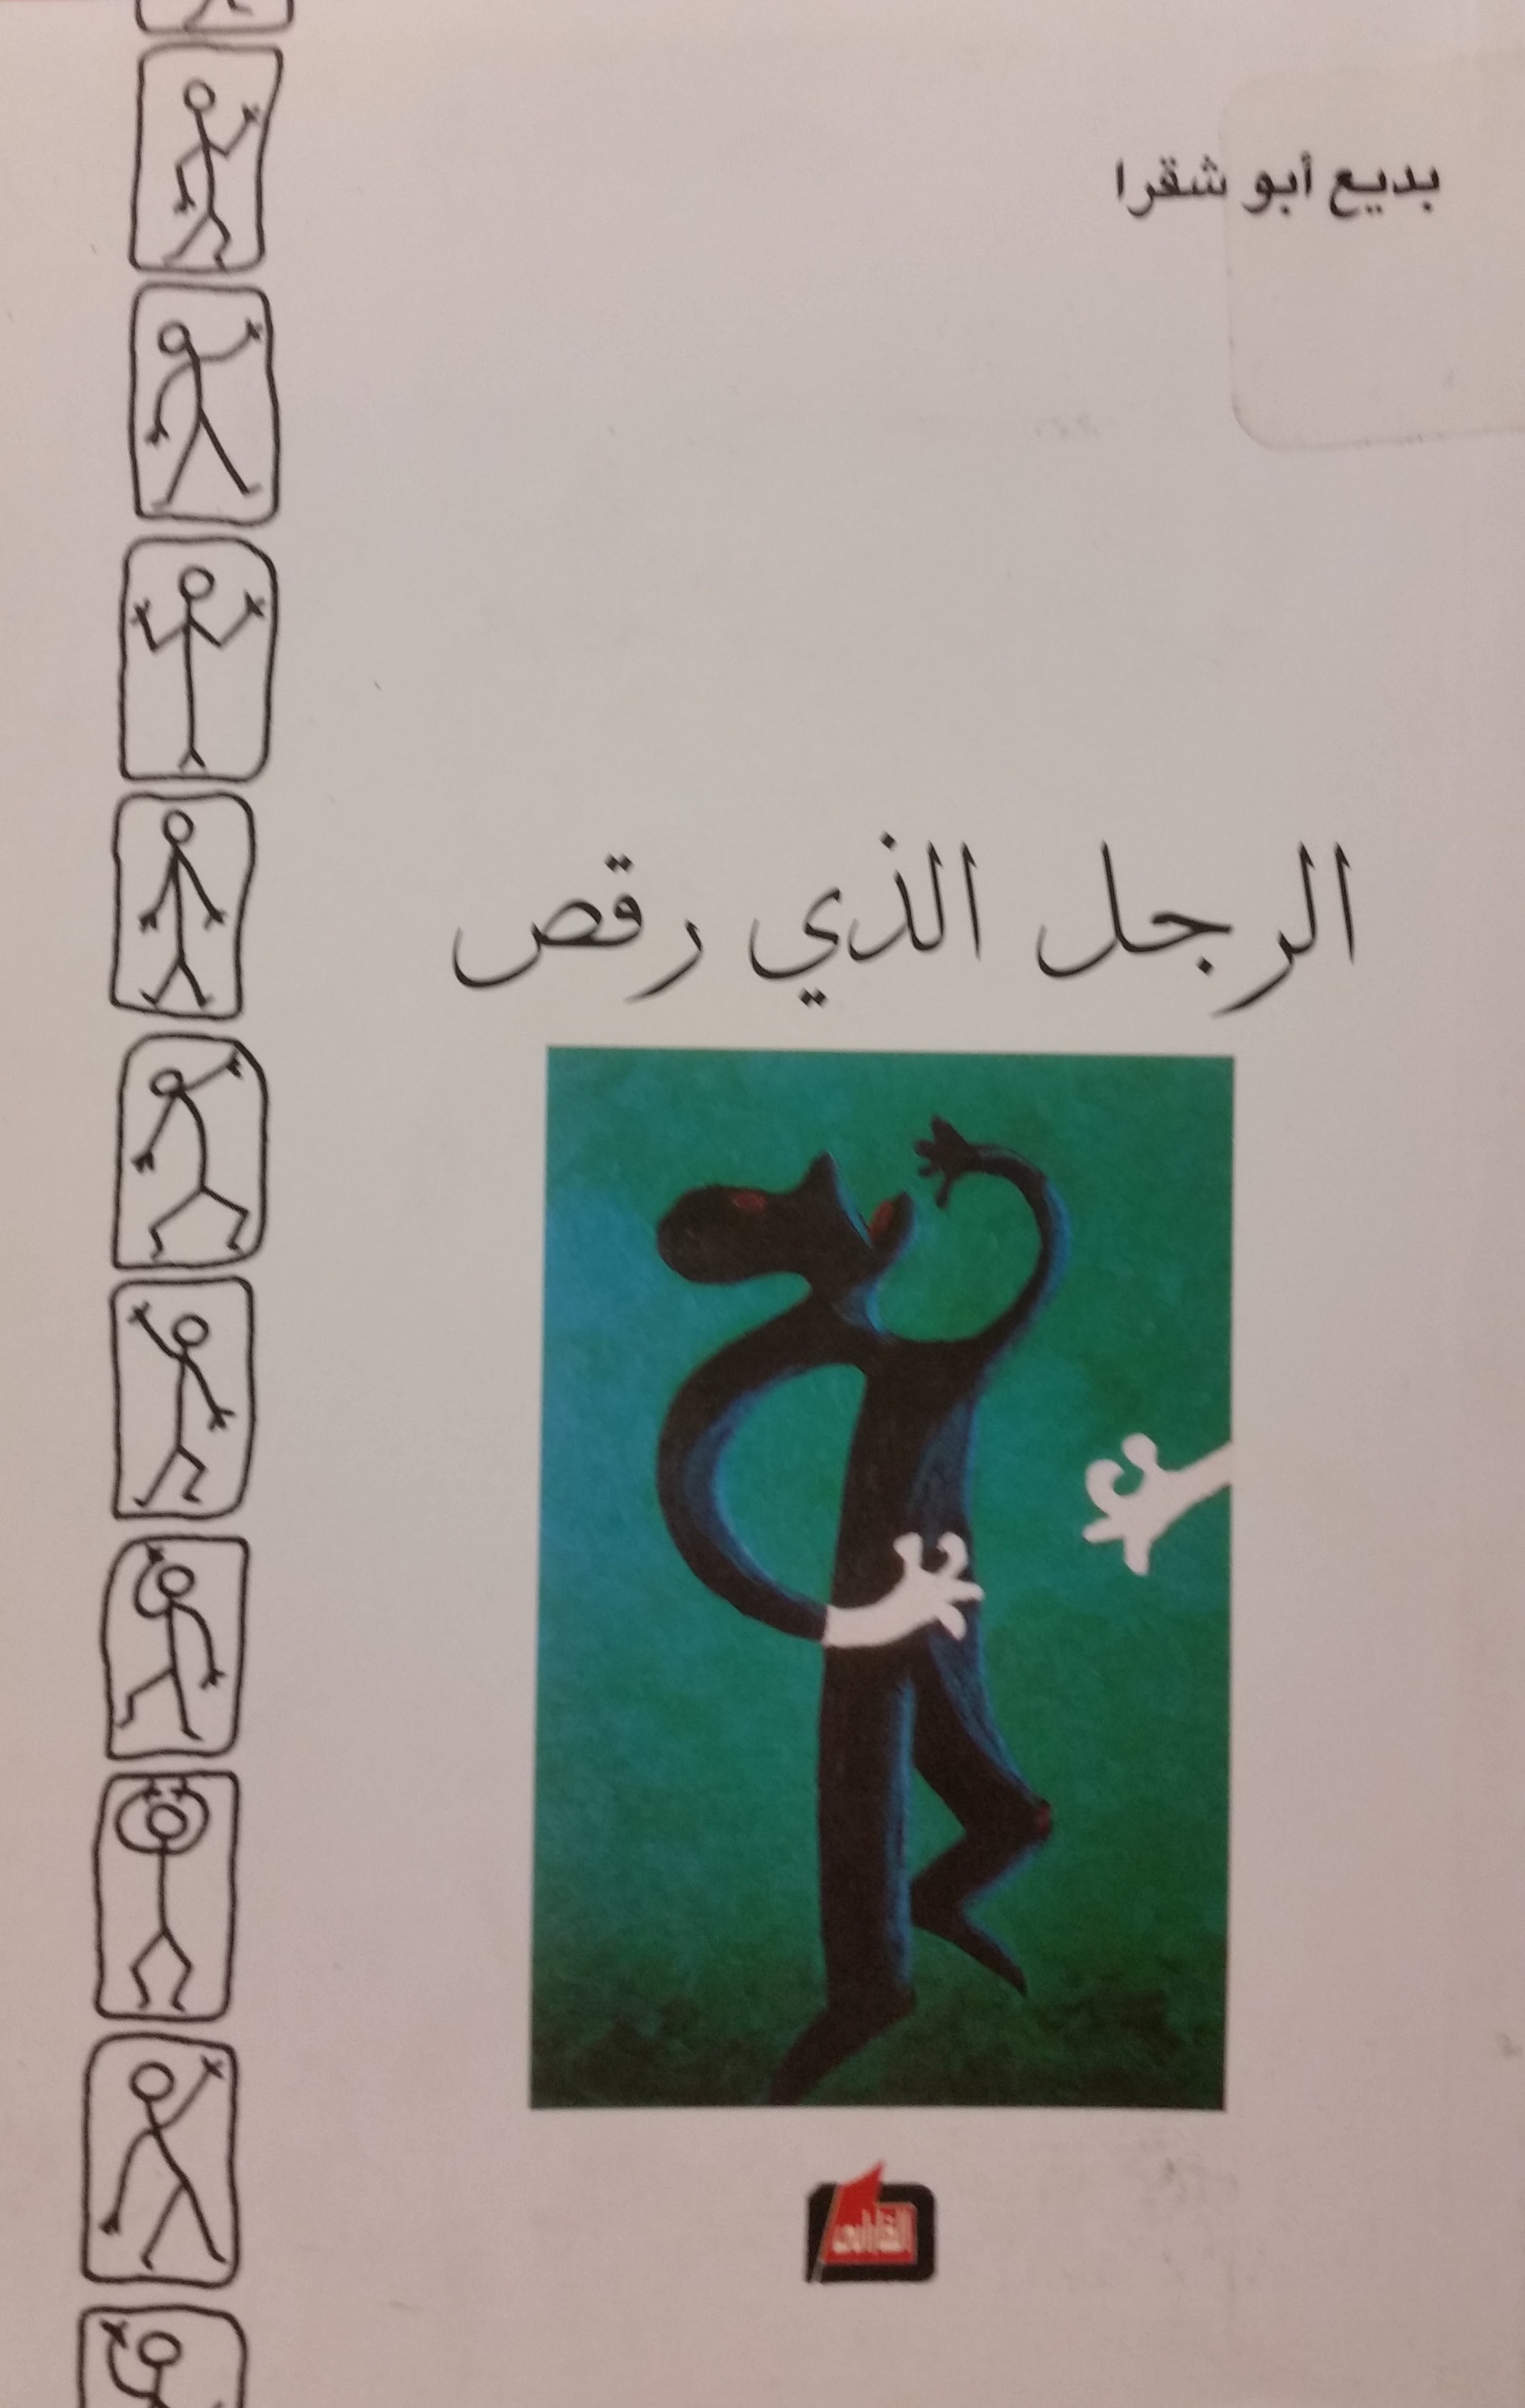 Badīʻ Abū Shaqrā(Bayrūt: Dār al-Fārābī, 2001)